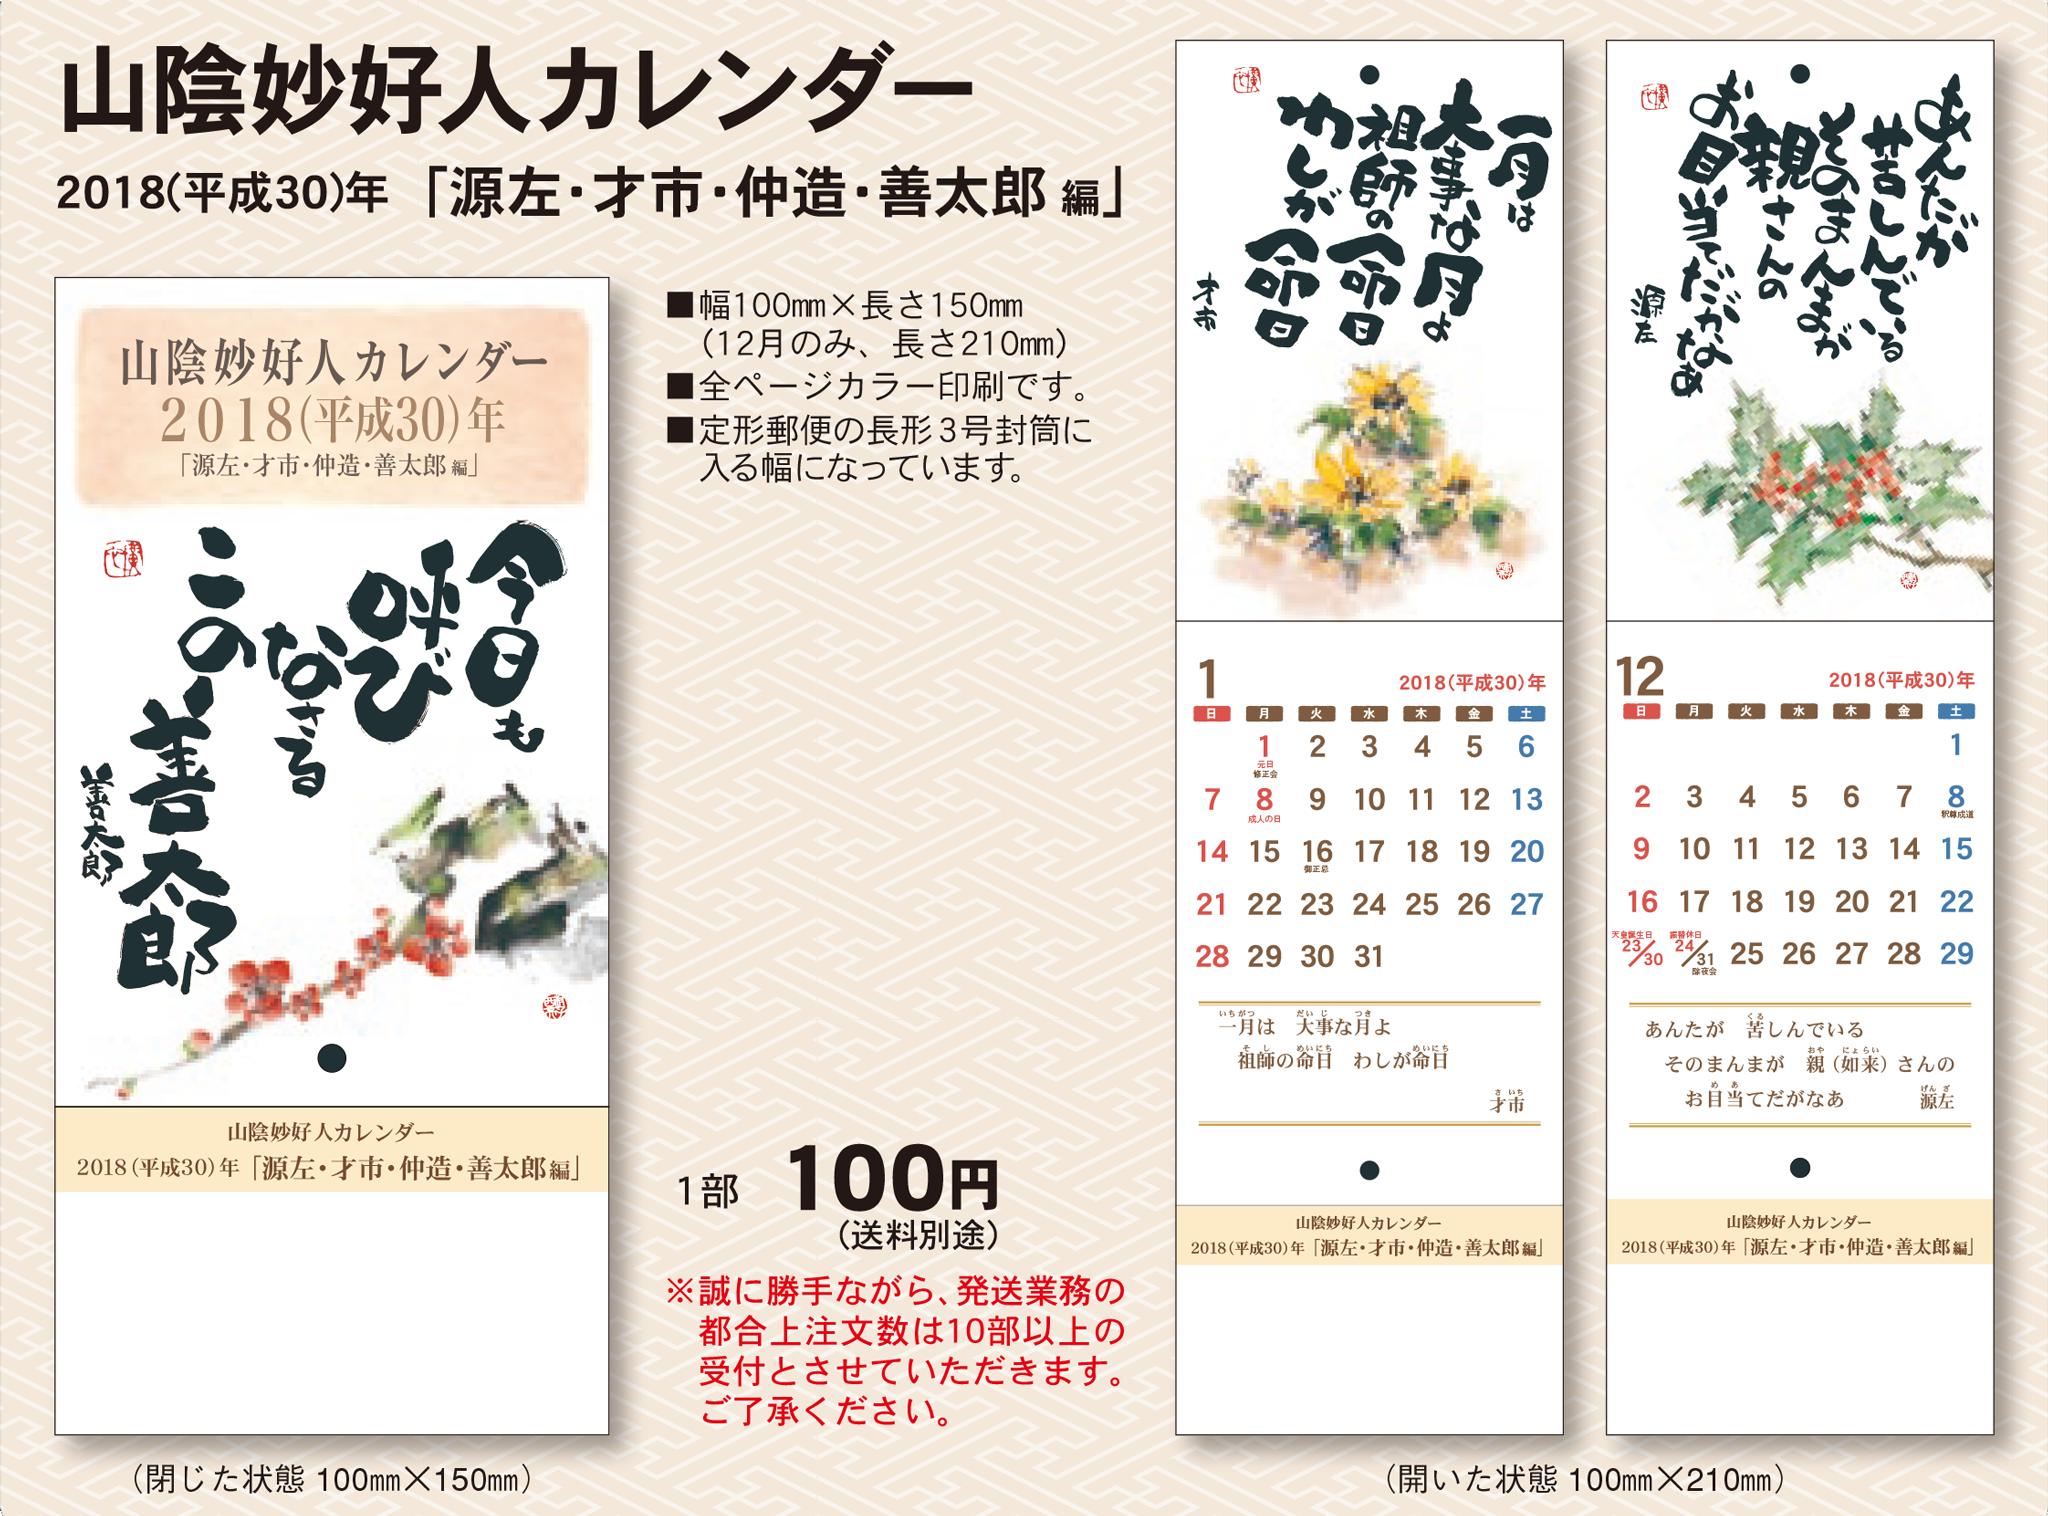 2018(平成30)年版山陰妙好人カレンダー